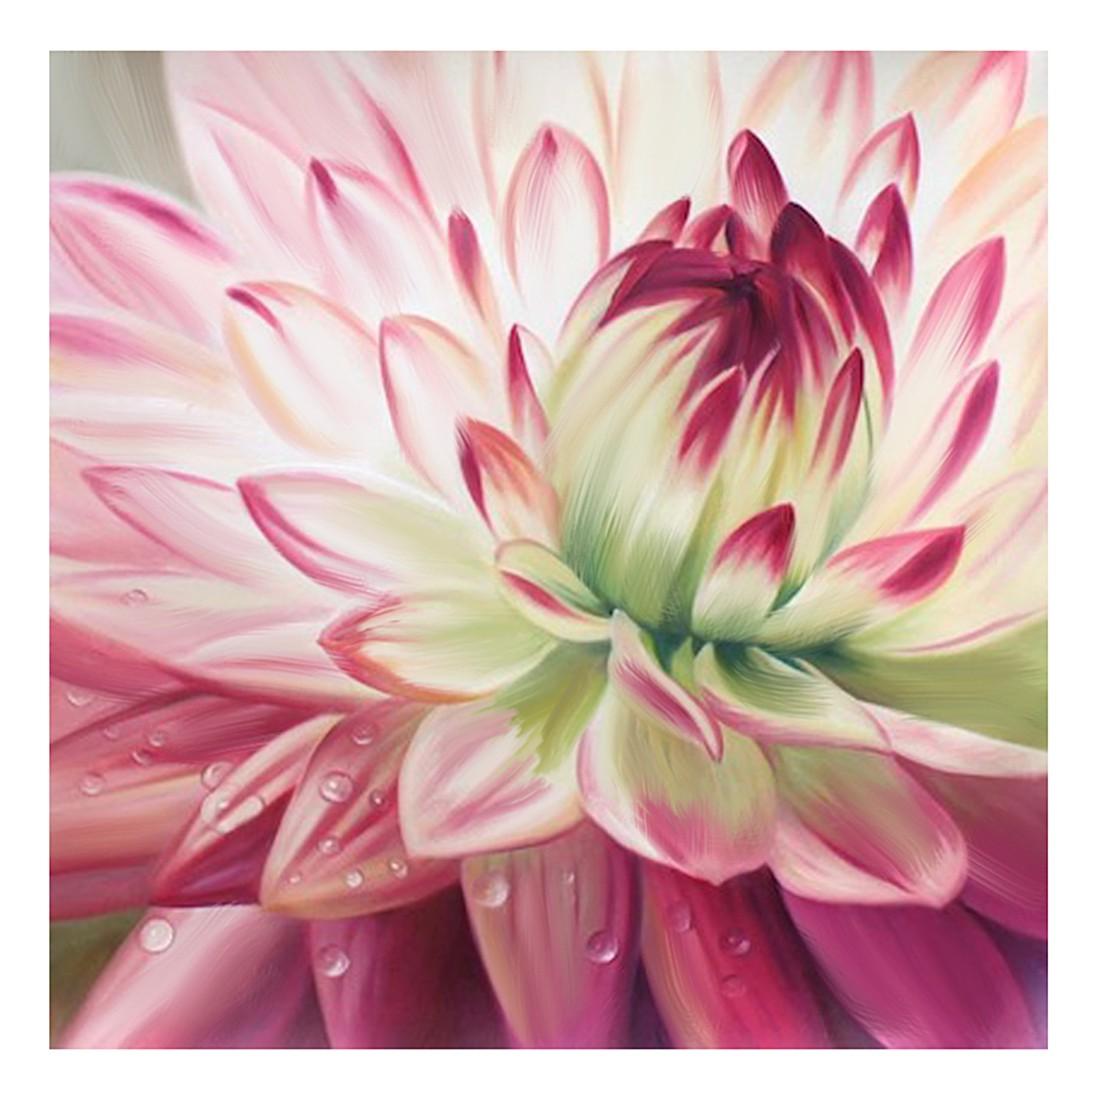 Ölgemälde Schnitt-Blume von Moqui – Größe 70 x 70 cm, yourPainting jetzt bestellen